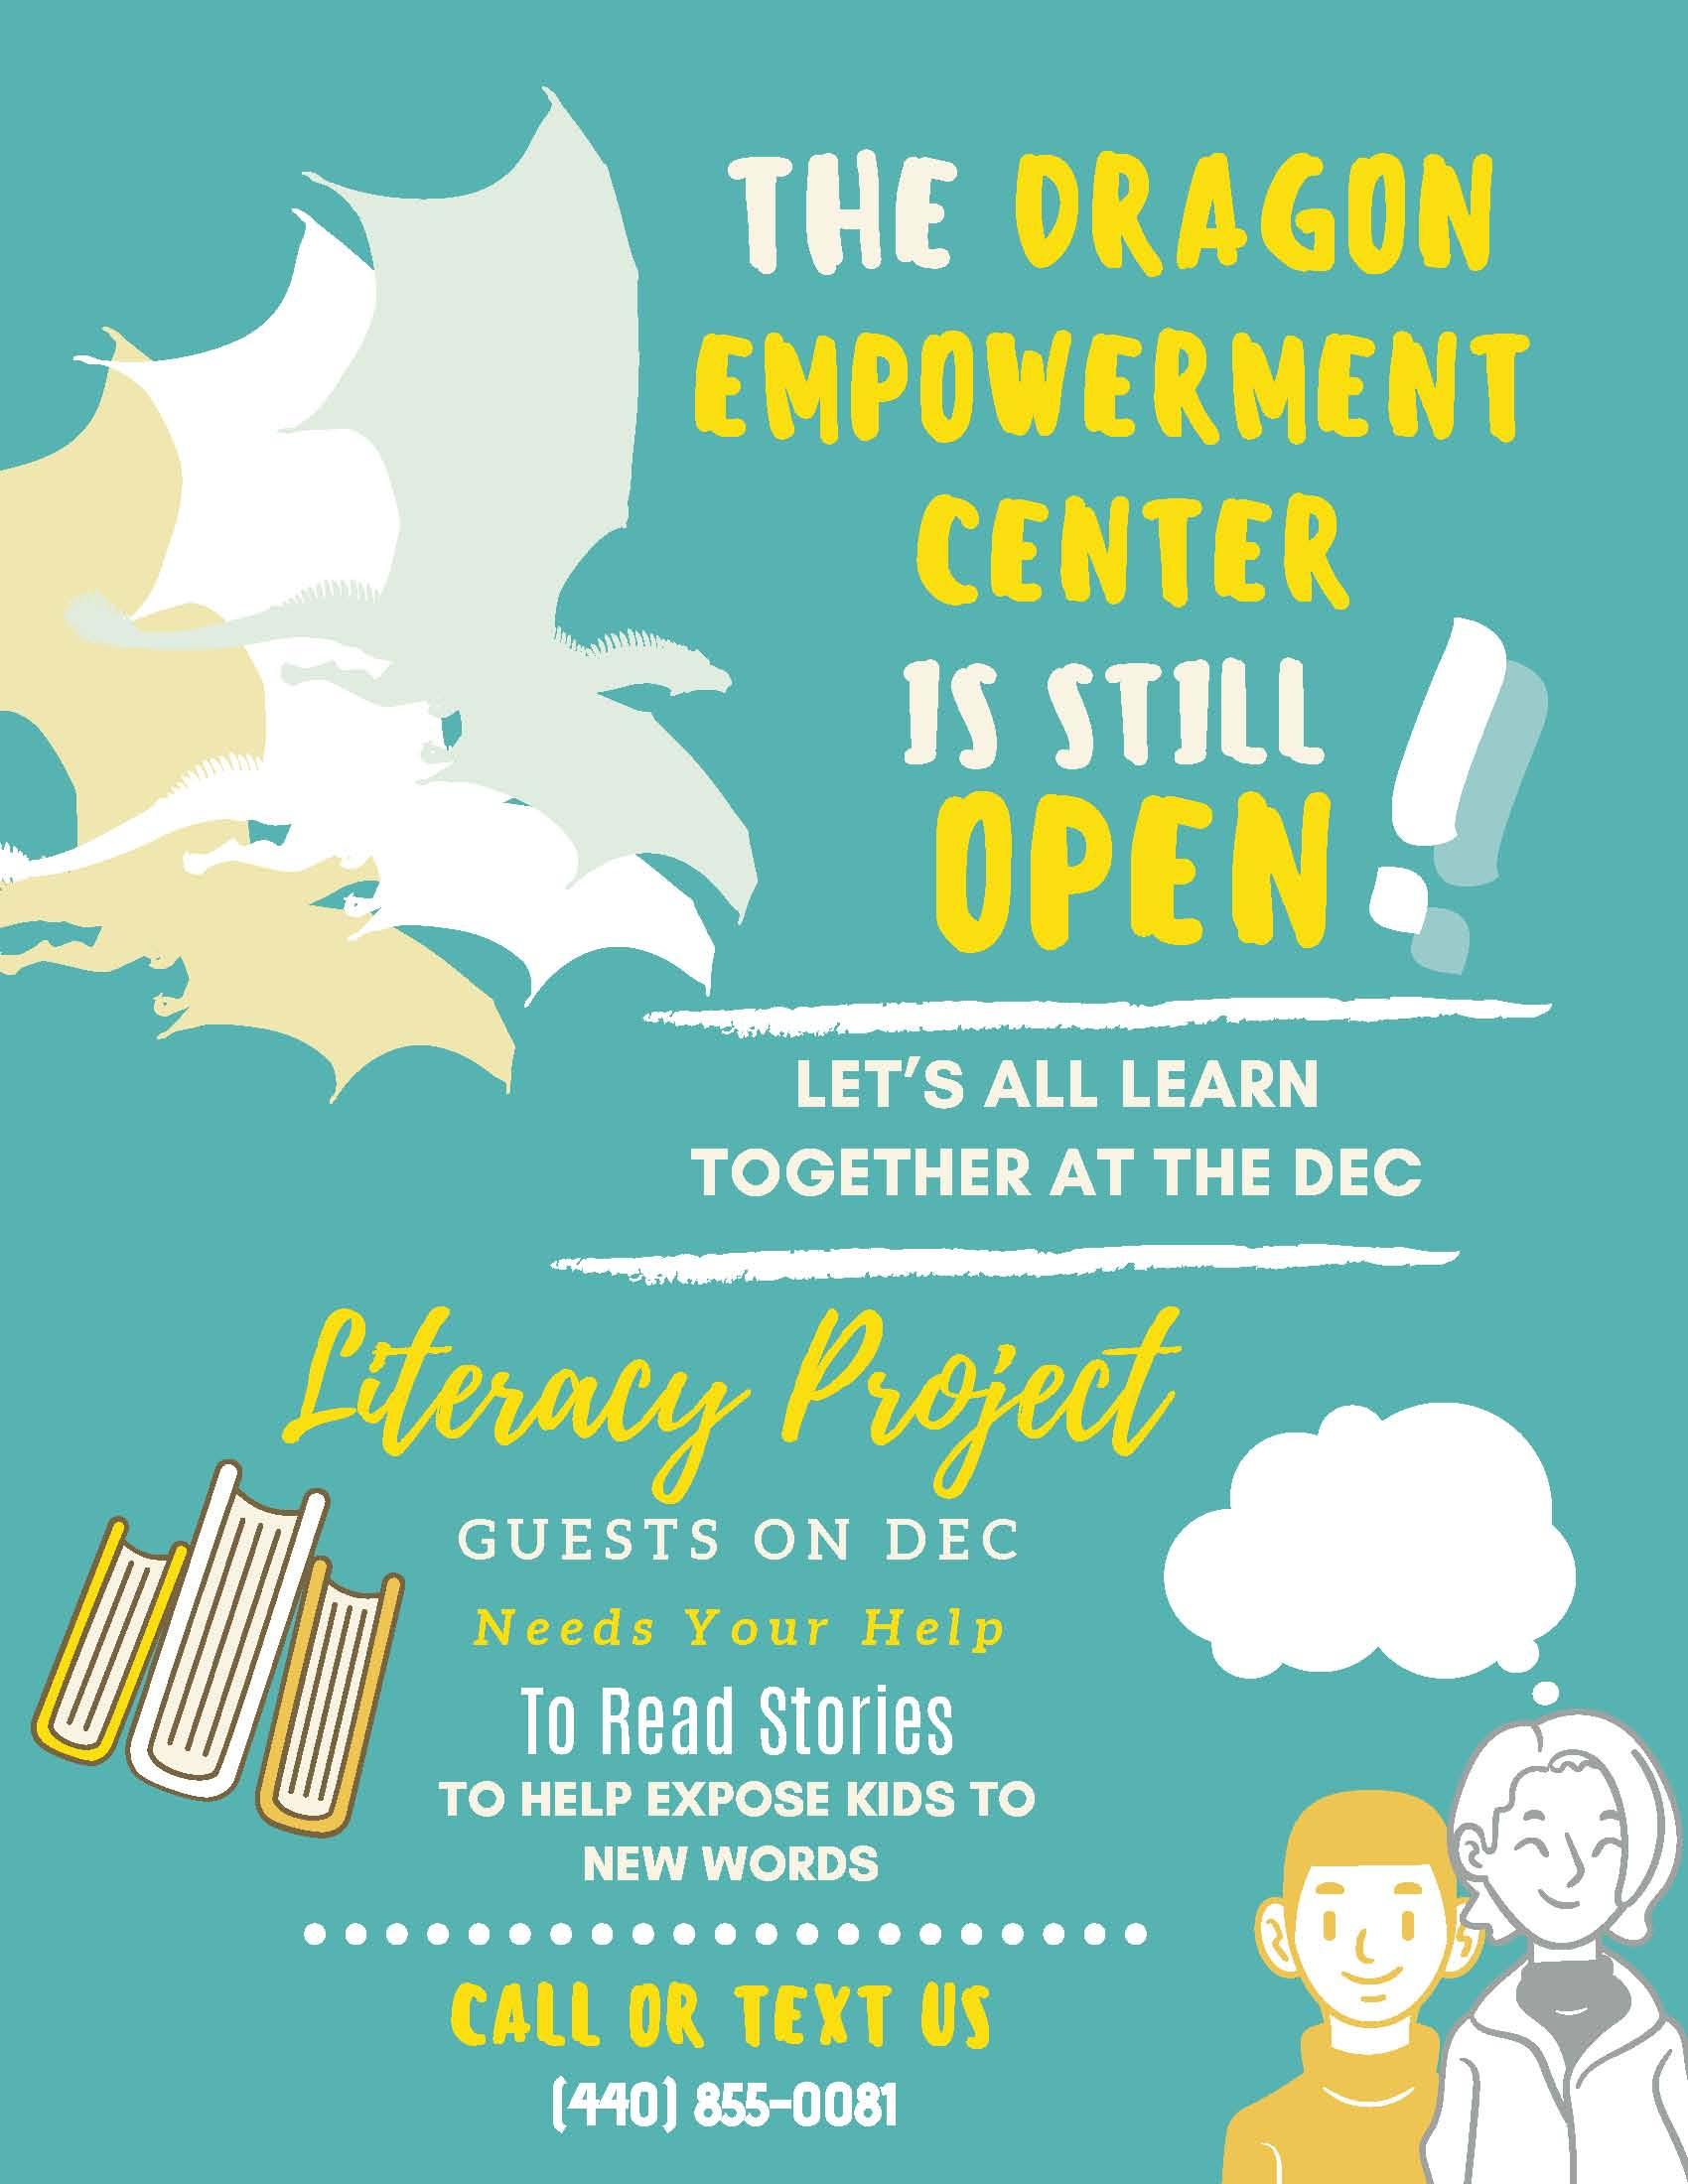 Dragon Empowerment Center Still Open